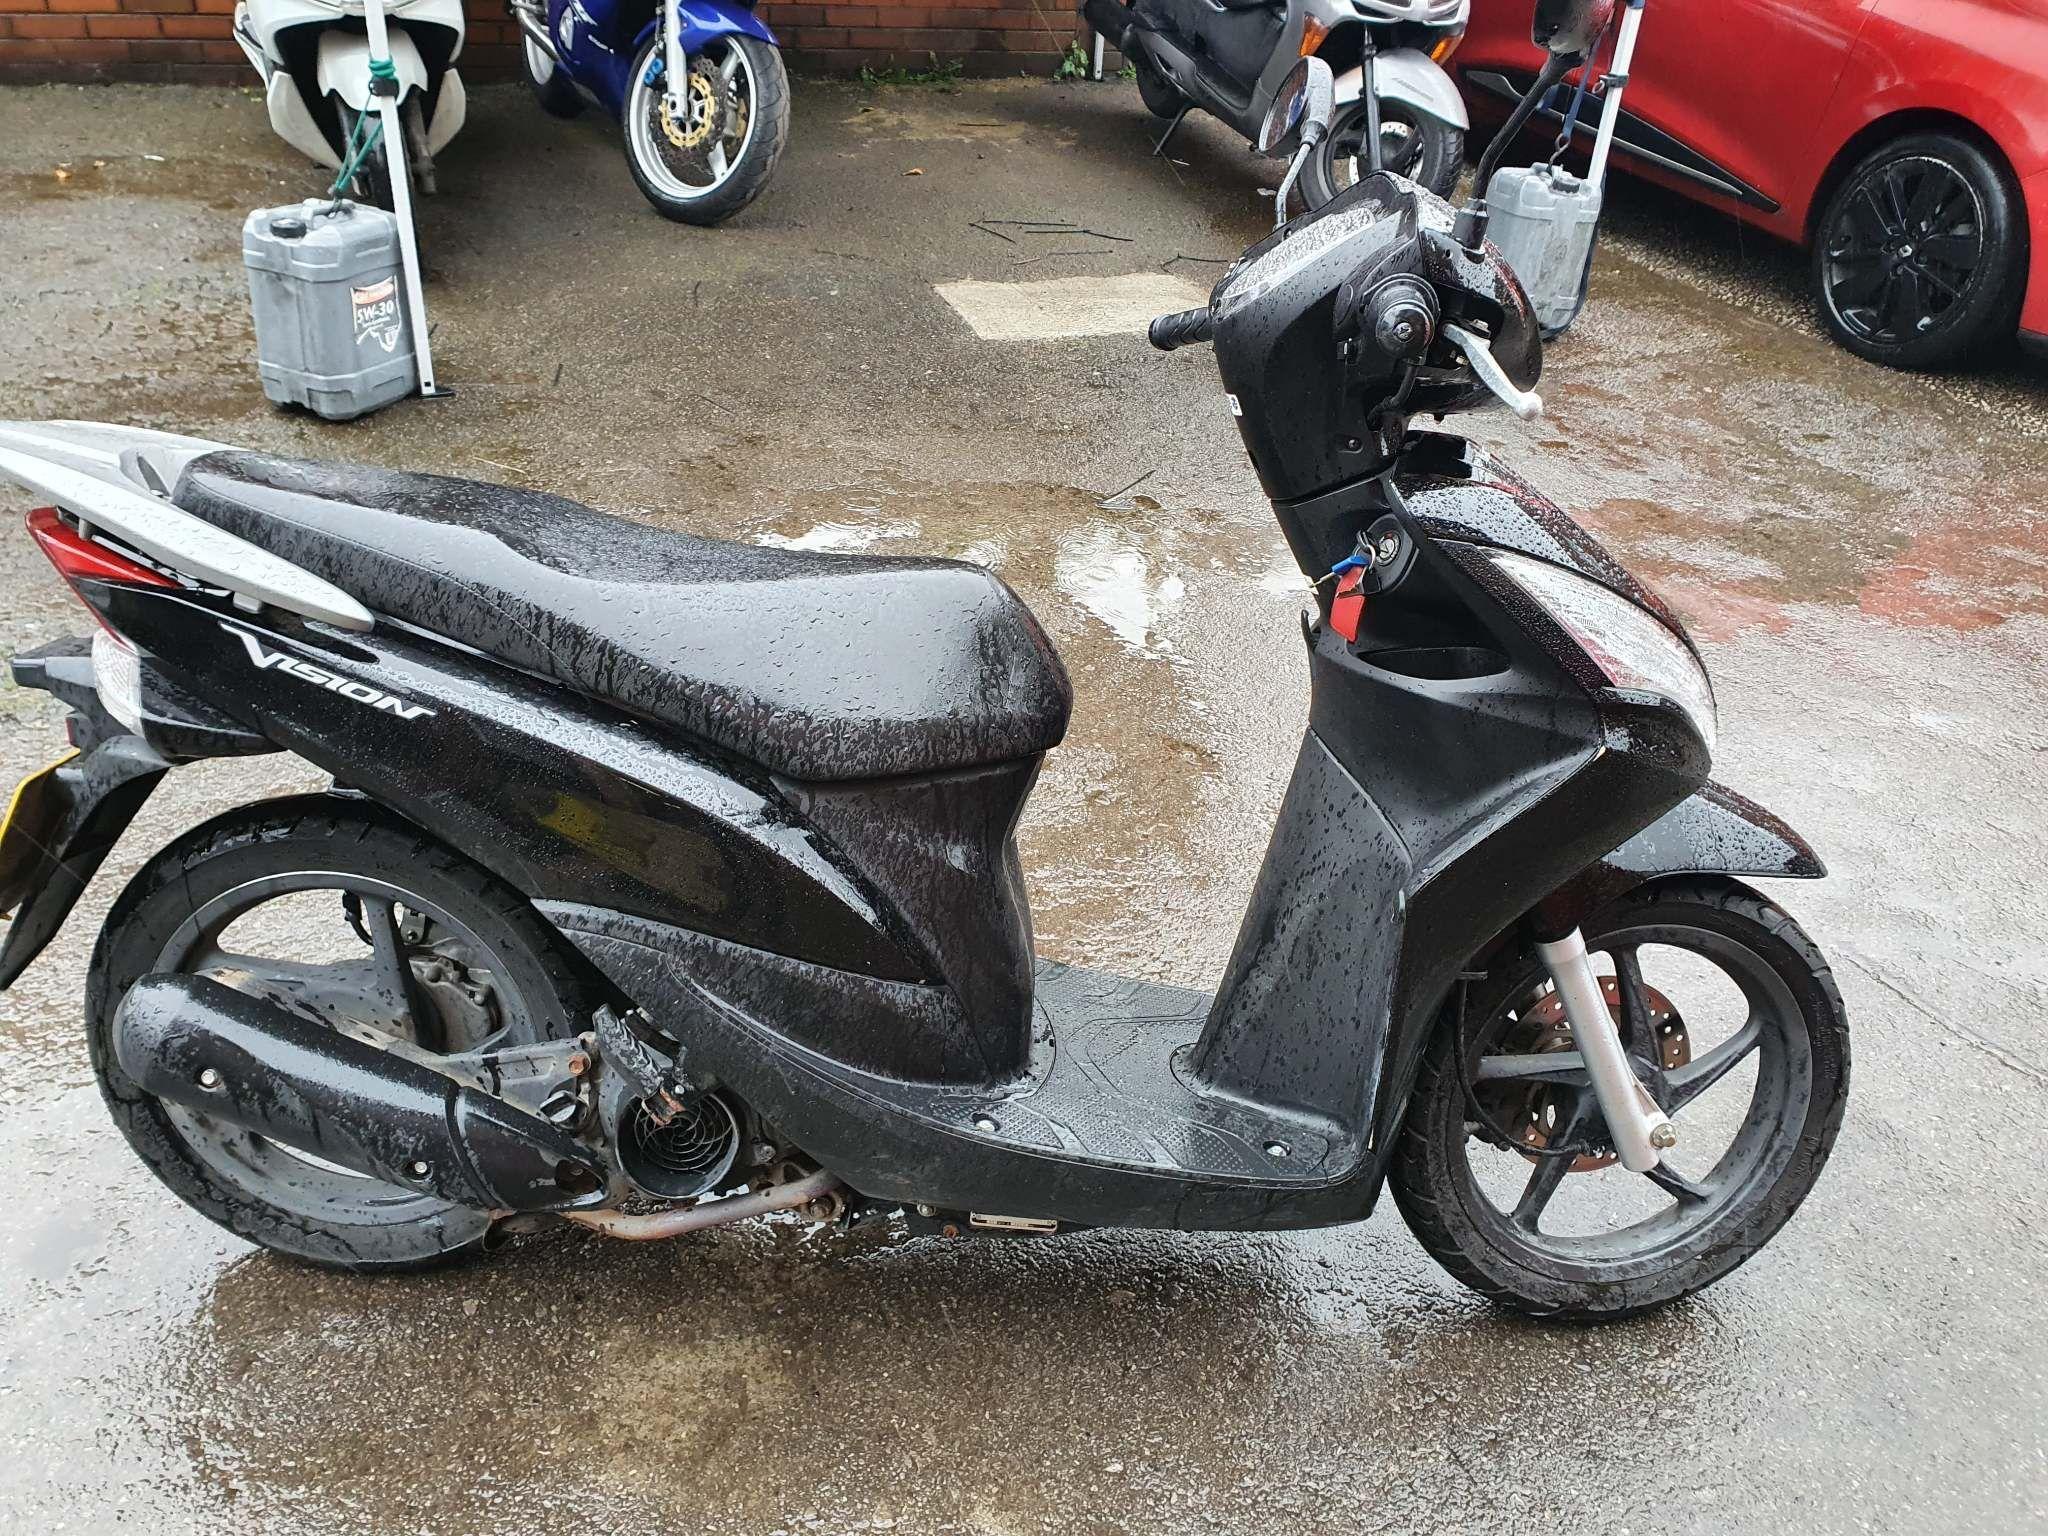 Honda Vision Bikes For Sale Autotrader Bikes